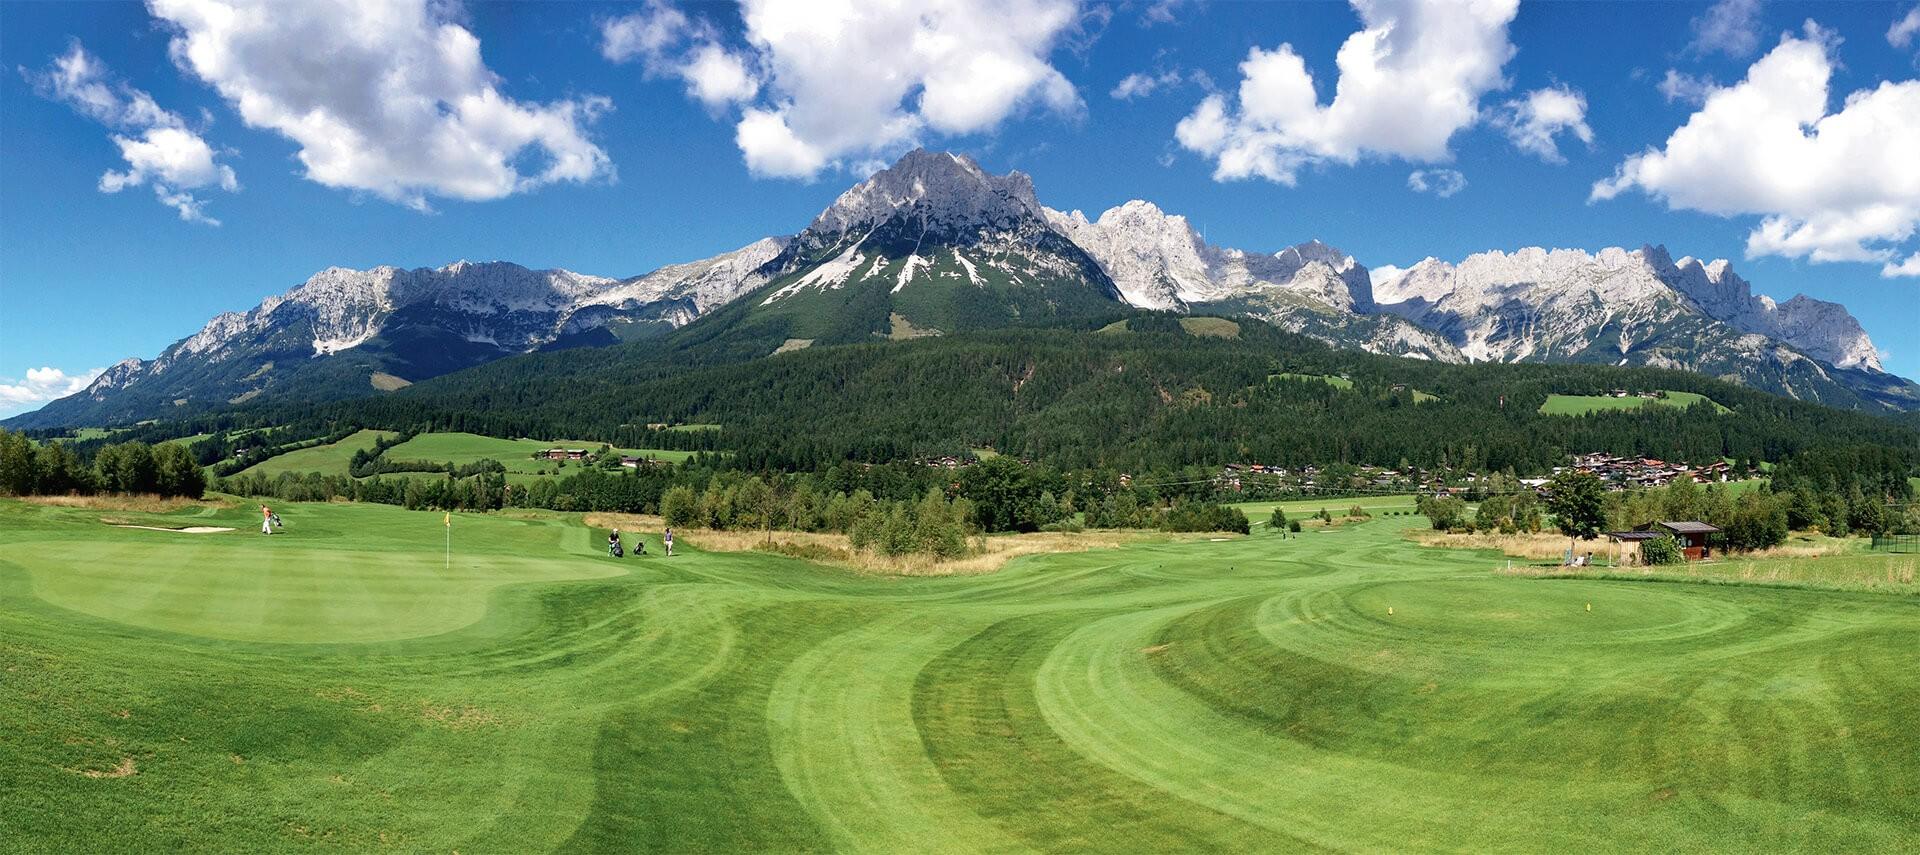 1 - GolfClub Wilder Kaiser - 2021-04